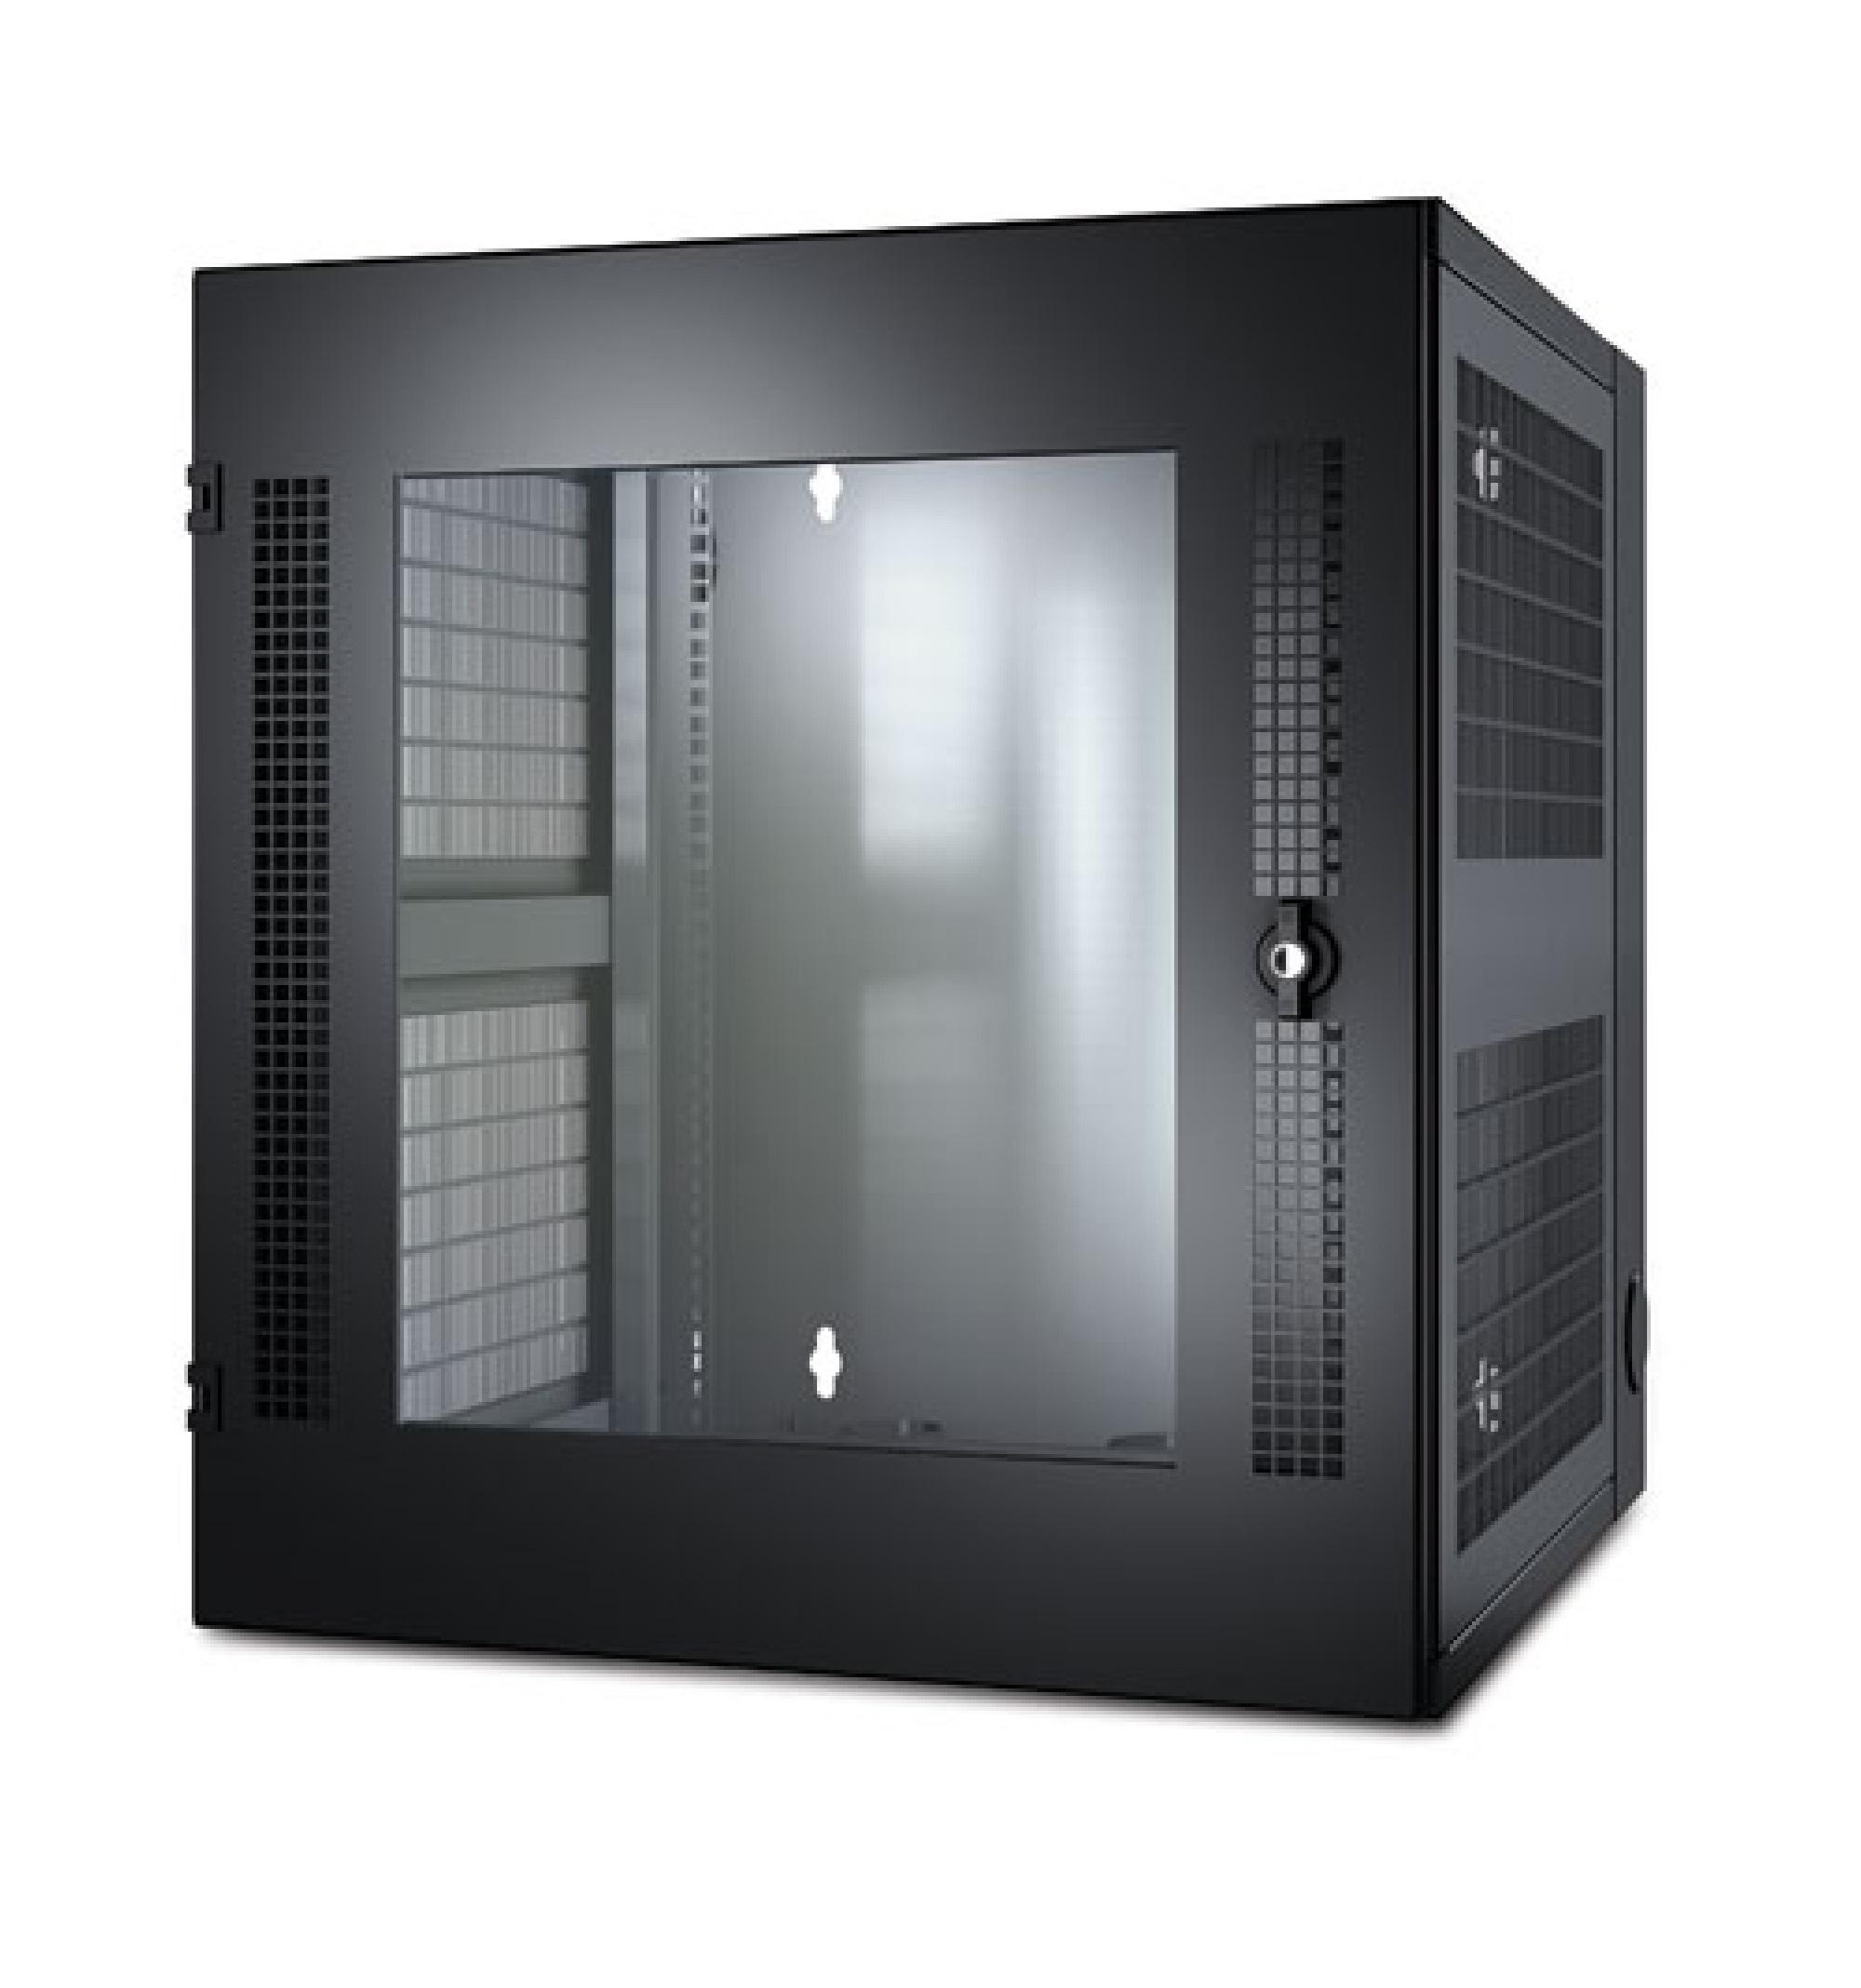 NetShelter WX, de 13 U, com trilho para montagem vertical com perfuração roscada e porta frontal de vidro, negro